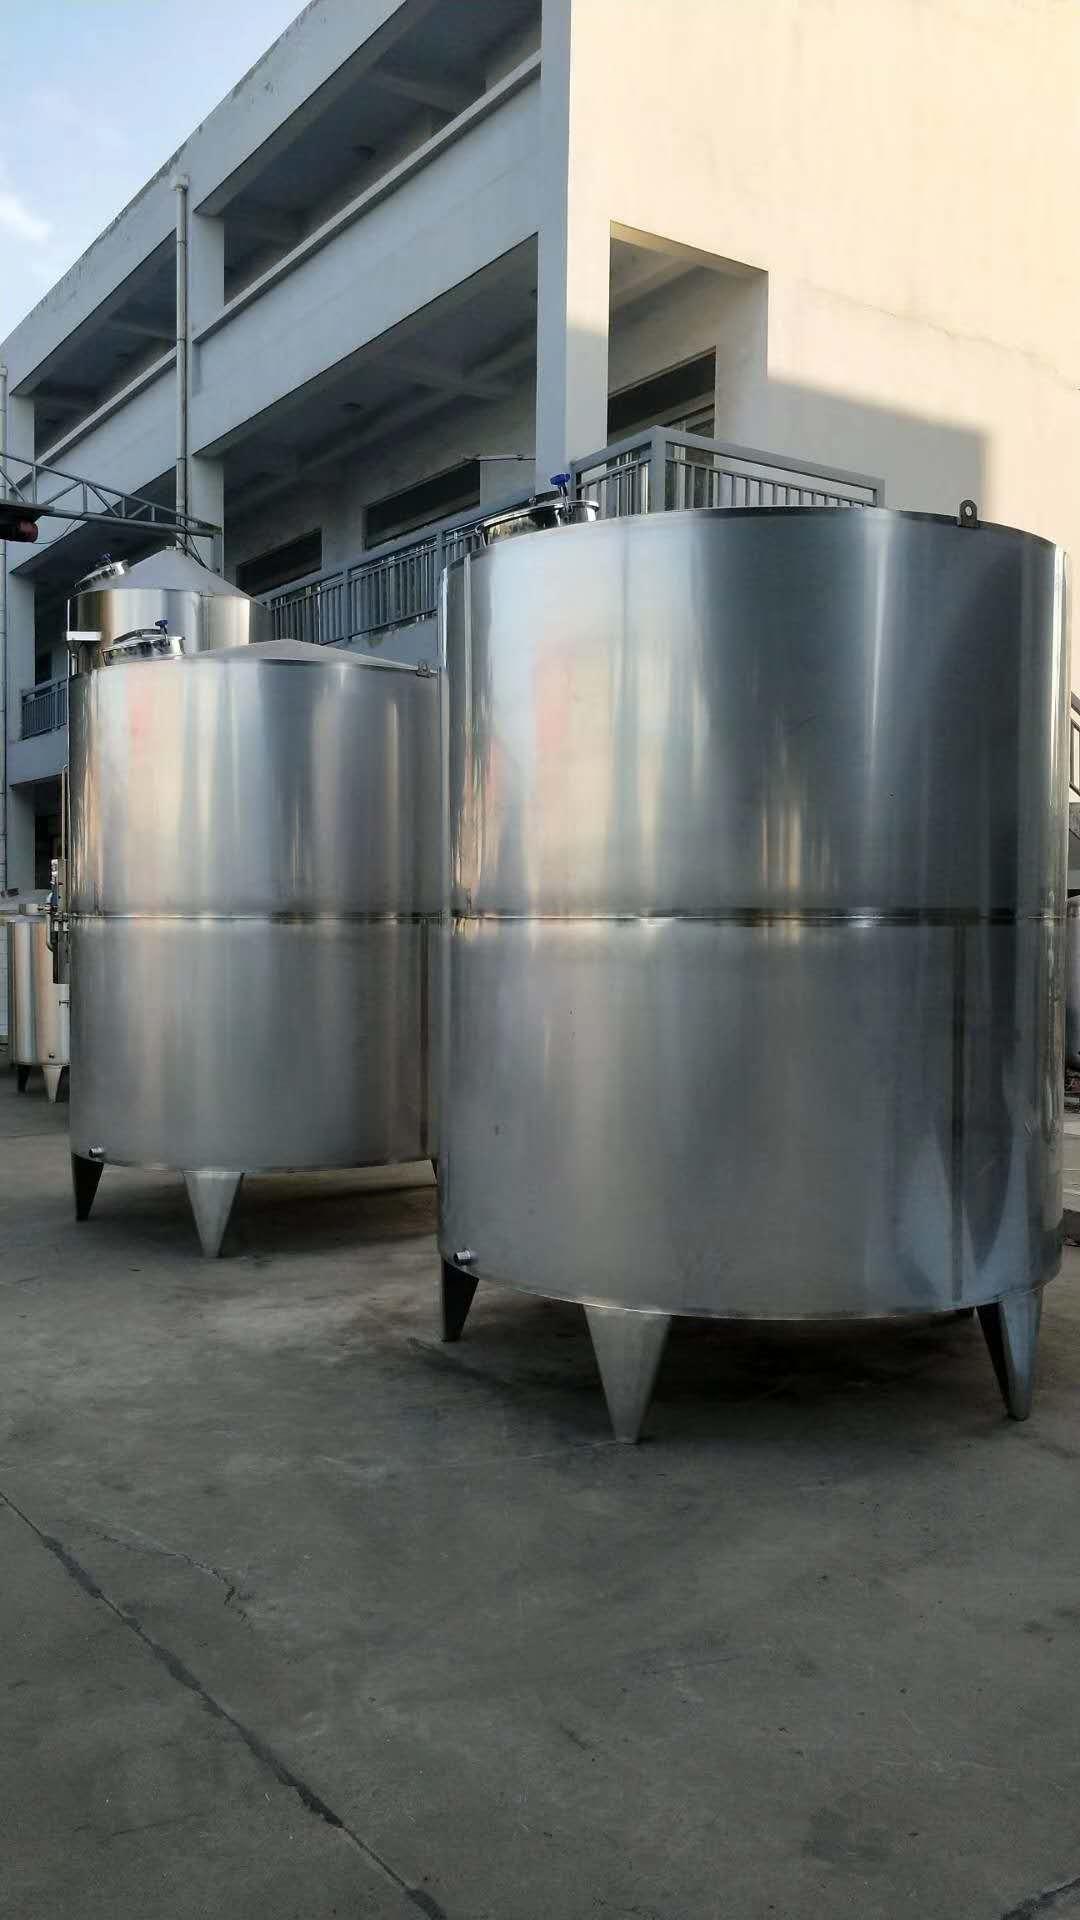 河南不锈钢储存罐批发给大家介绍下:关于304不锈钢储气罐的知识